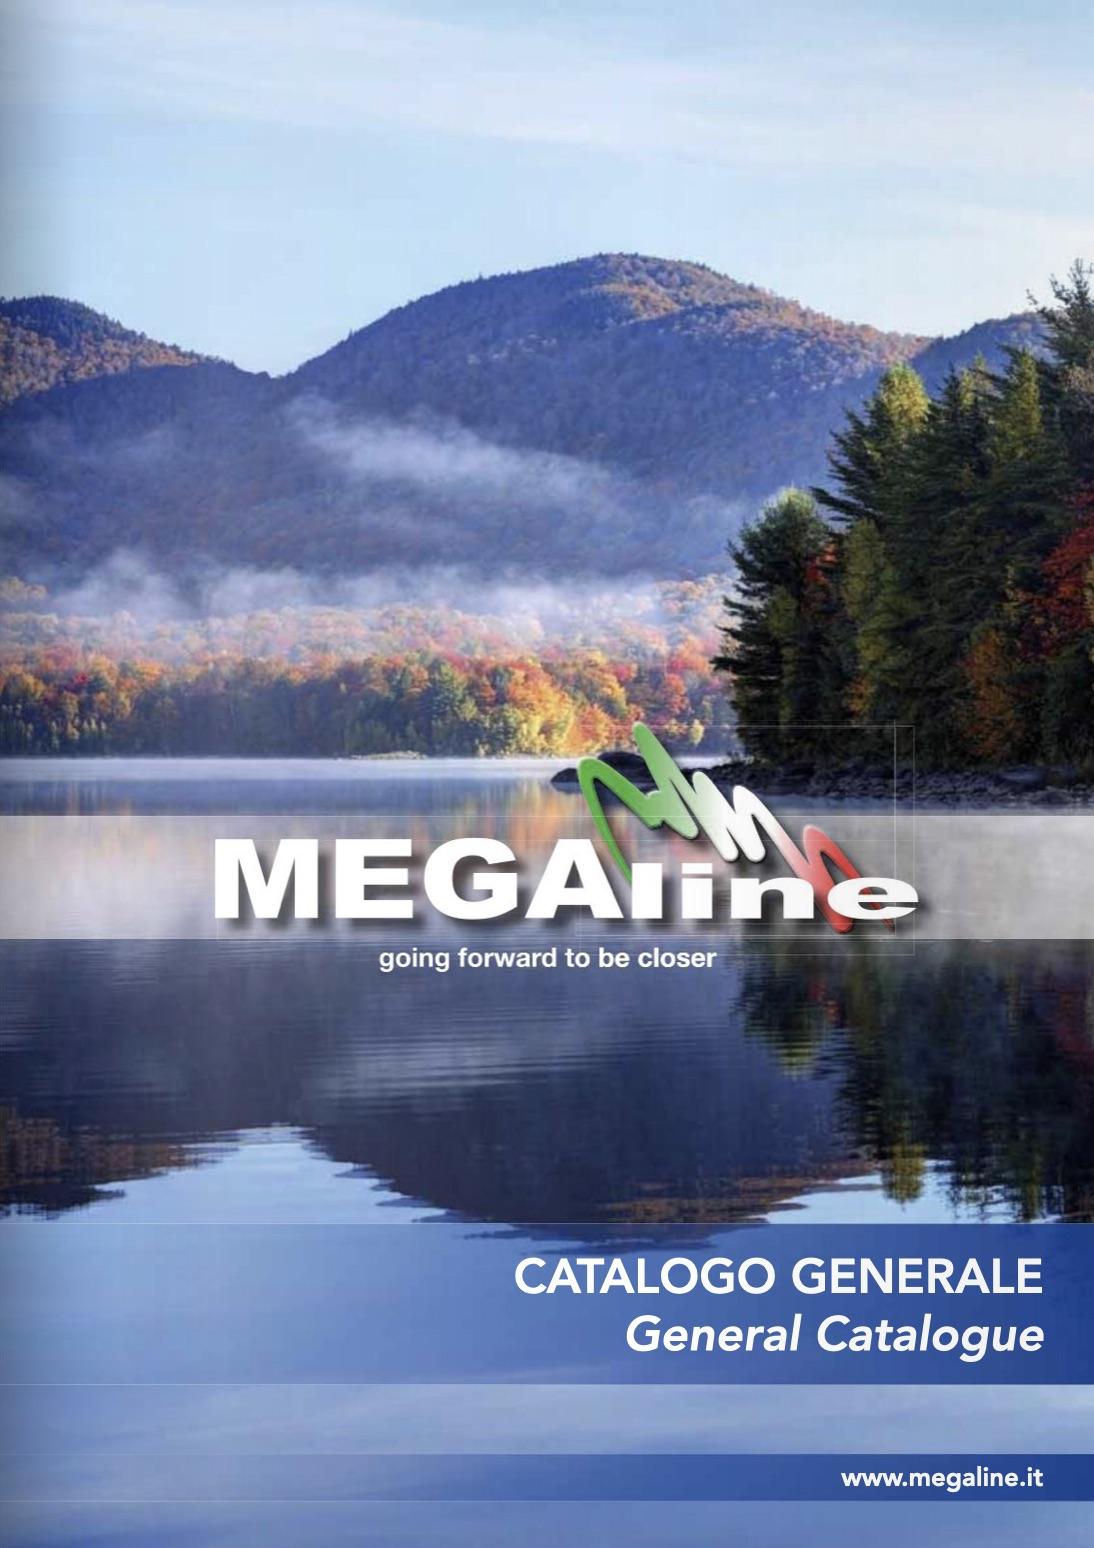 Catalogo Megaline 2019